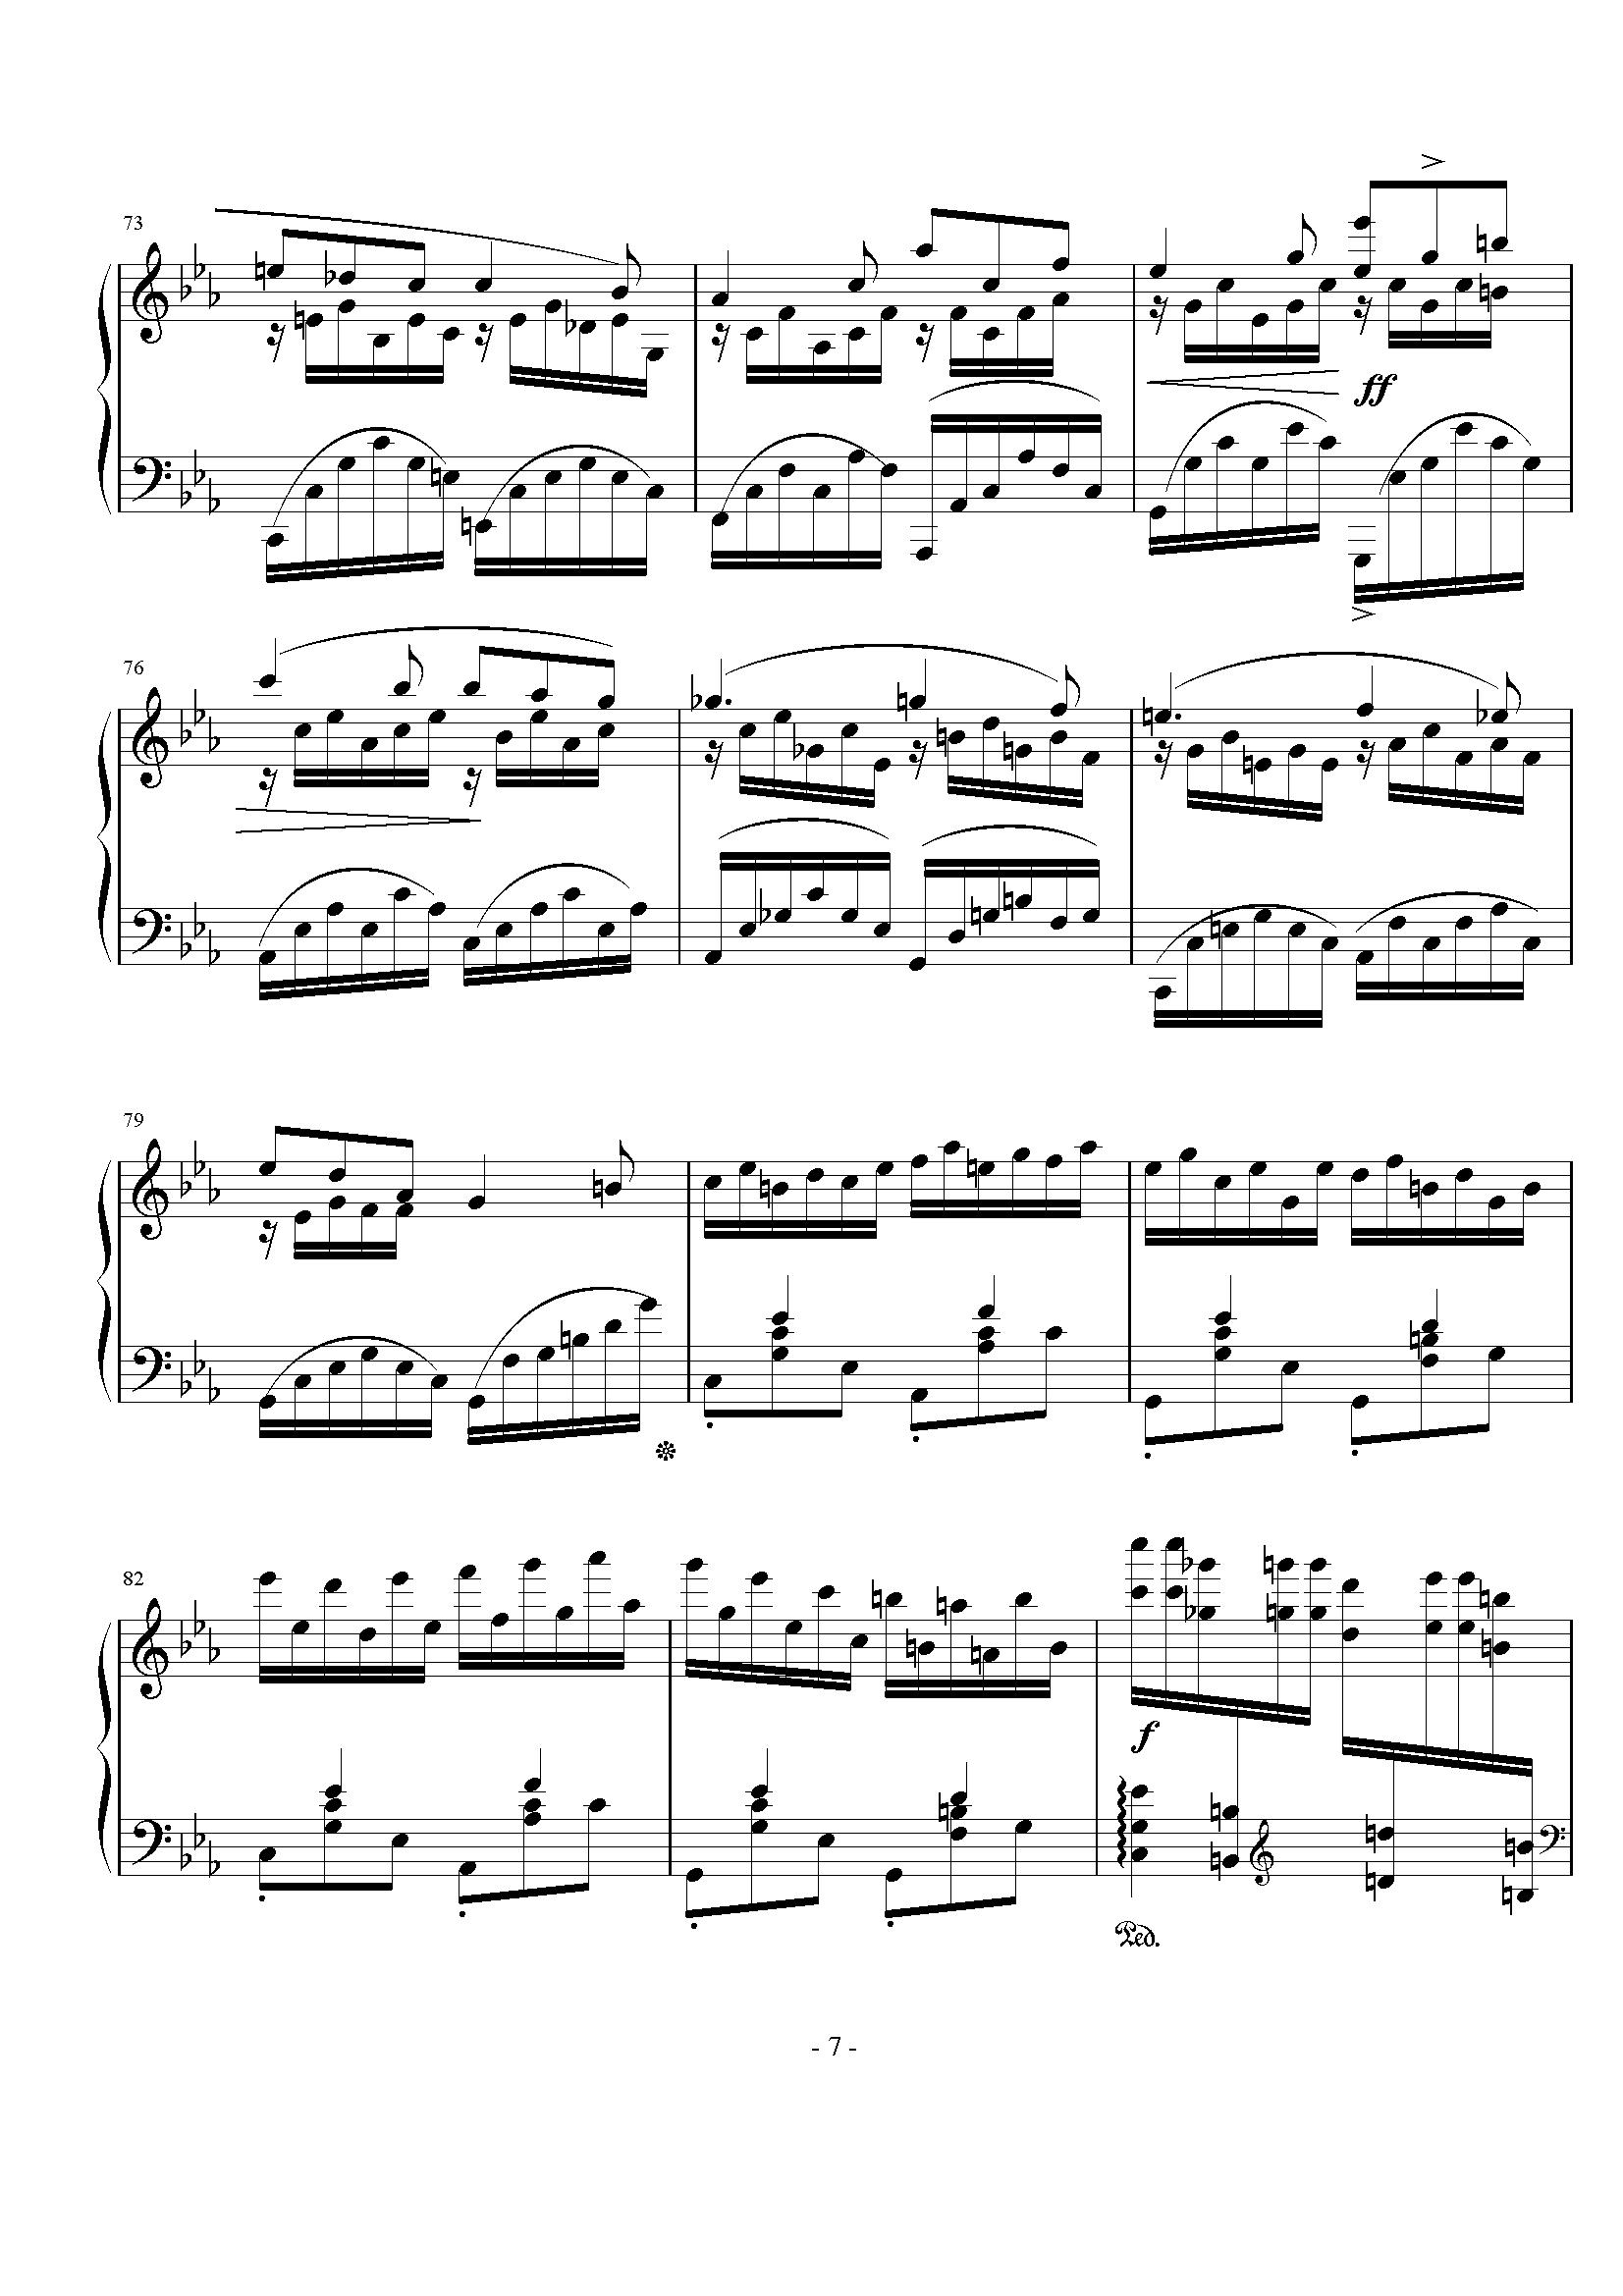 纸短情长谱子c-钢琴谱 c小调 前奏曲